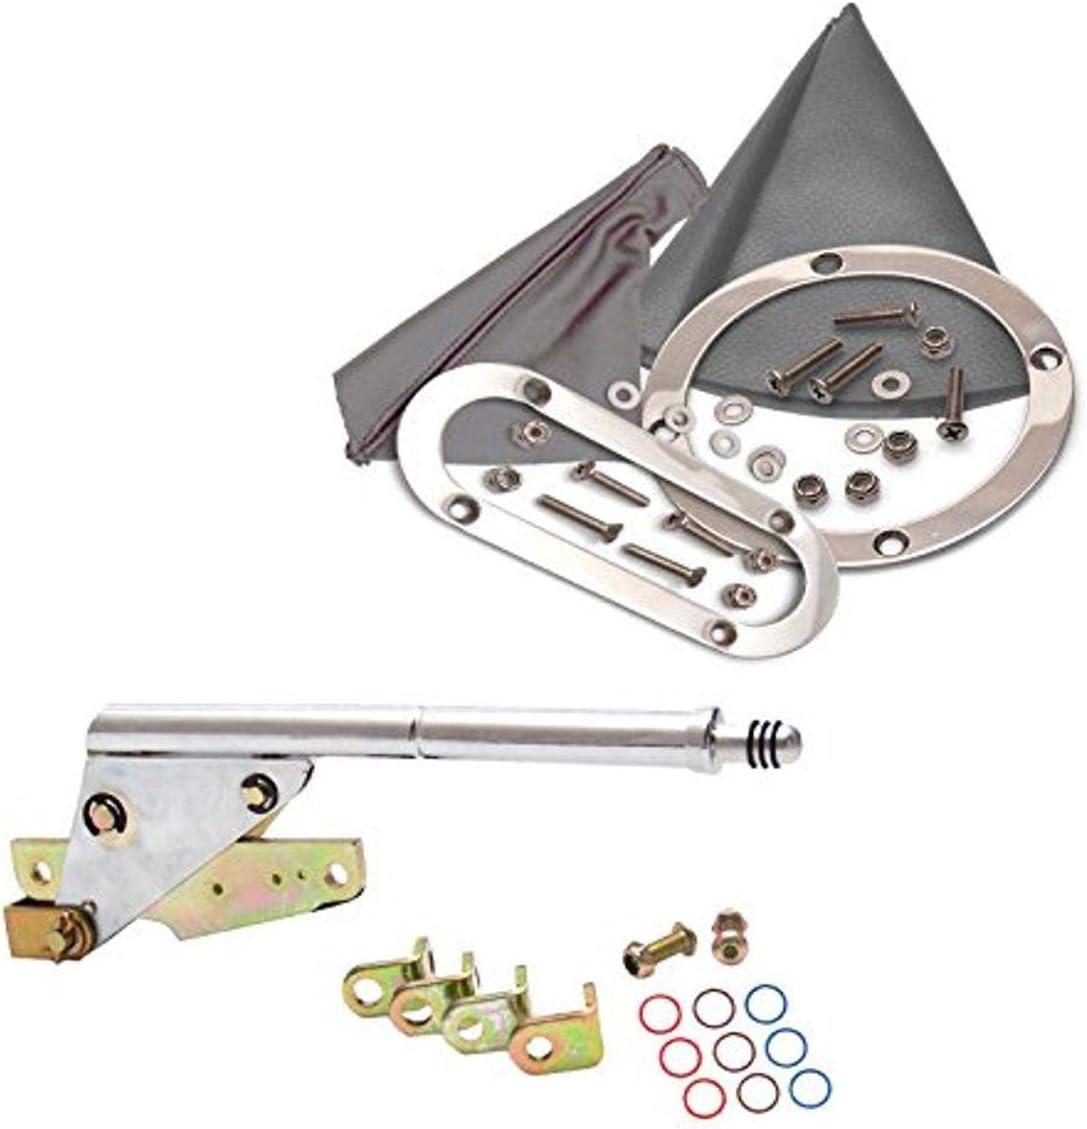 American Shifter Rapid rise 459733 45RFE Kit Brake E 12